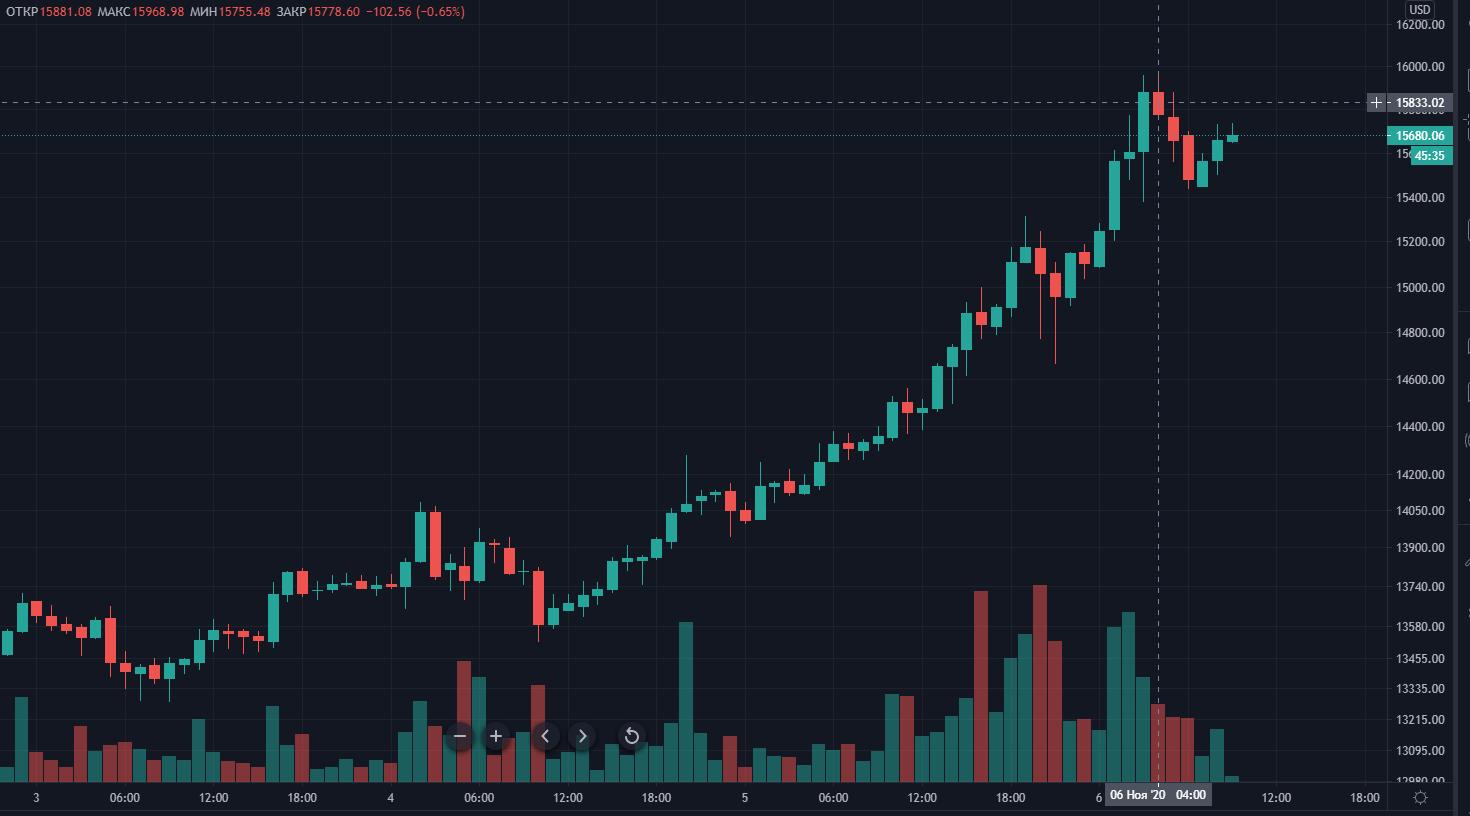 Цена биткоина вплотную приблизилась к отметке $16 000